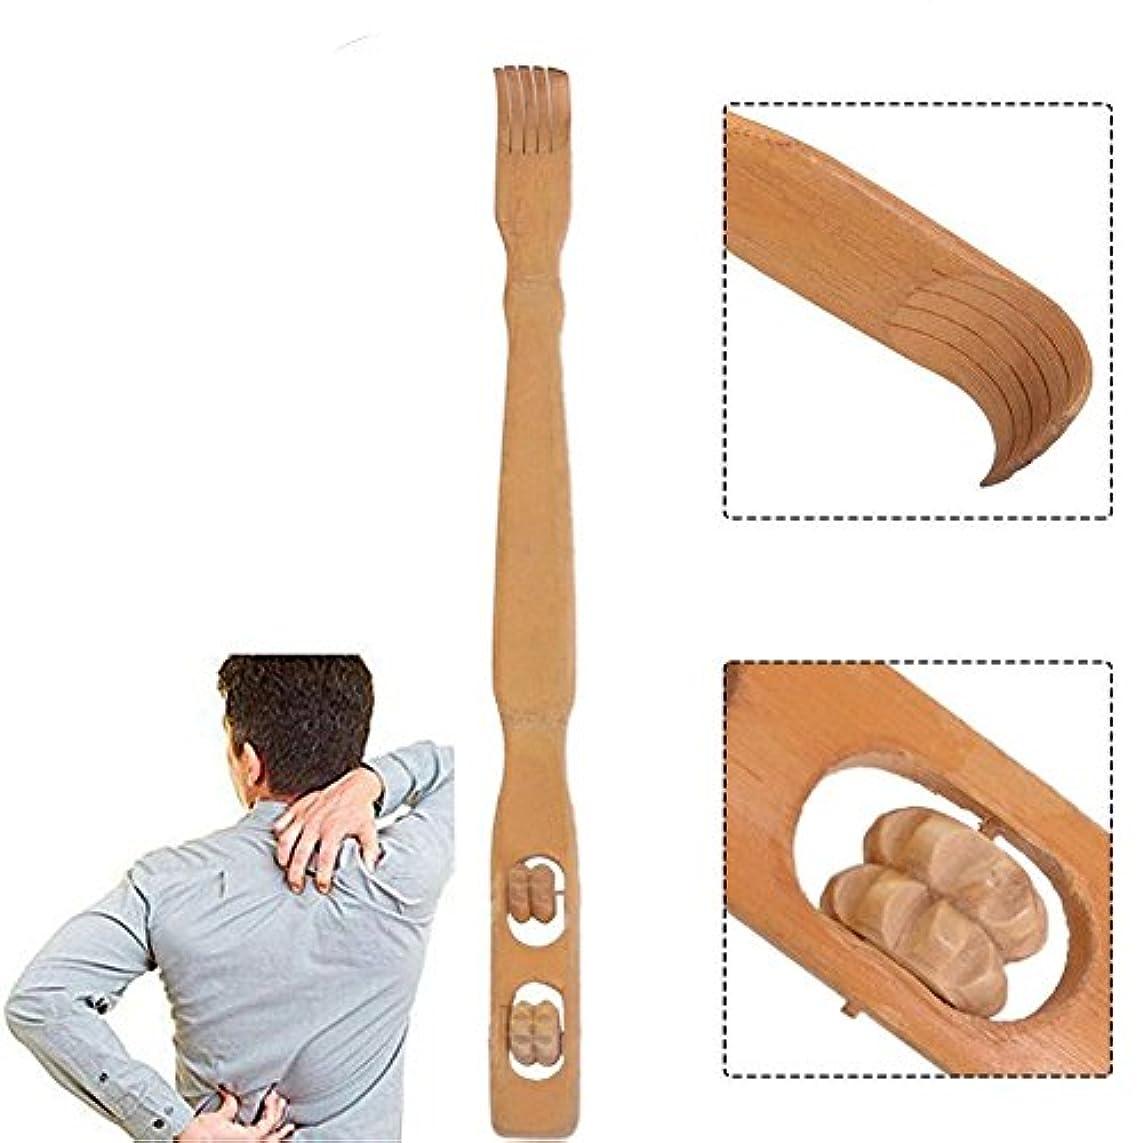 質素な知り合いスワップKixnor木製ハンドヘルドダブル竹ローラーバックセルフマッサージ18.3